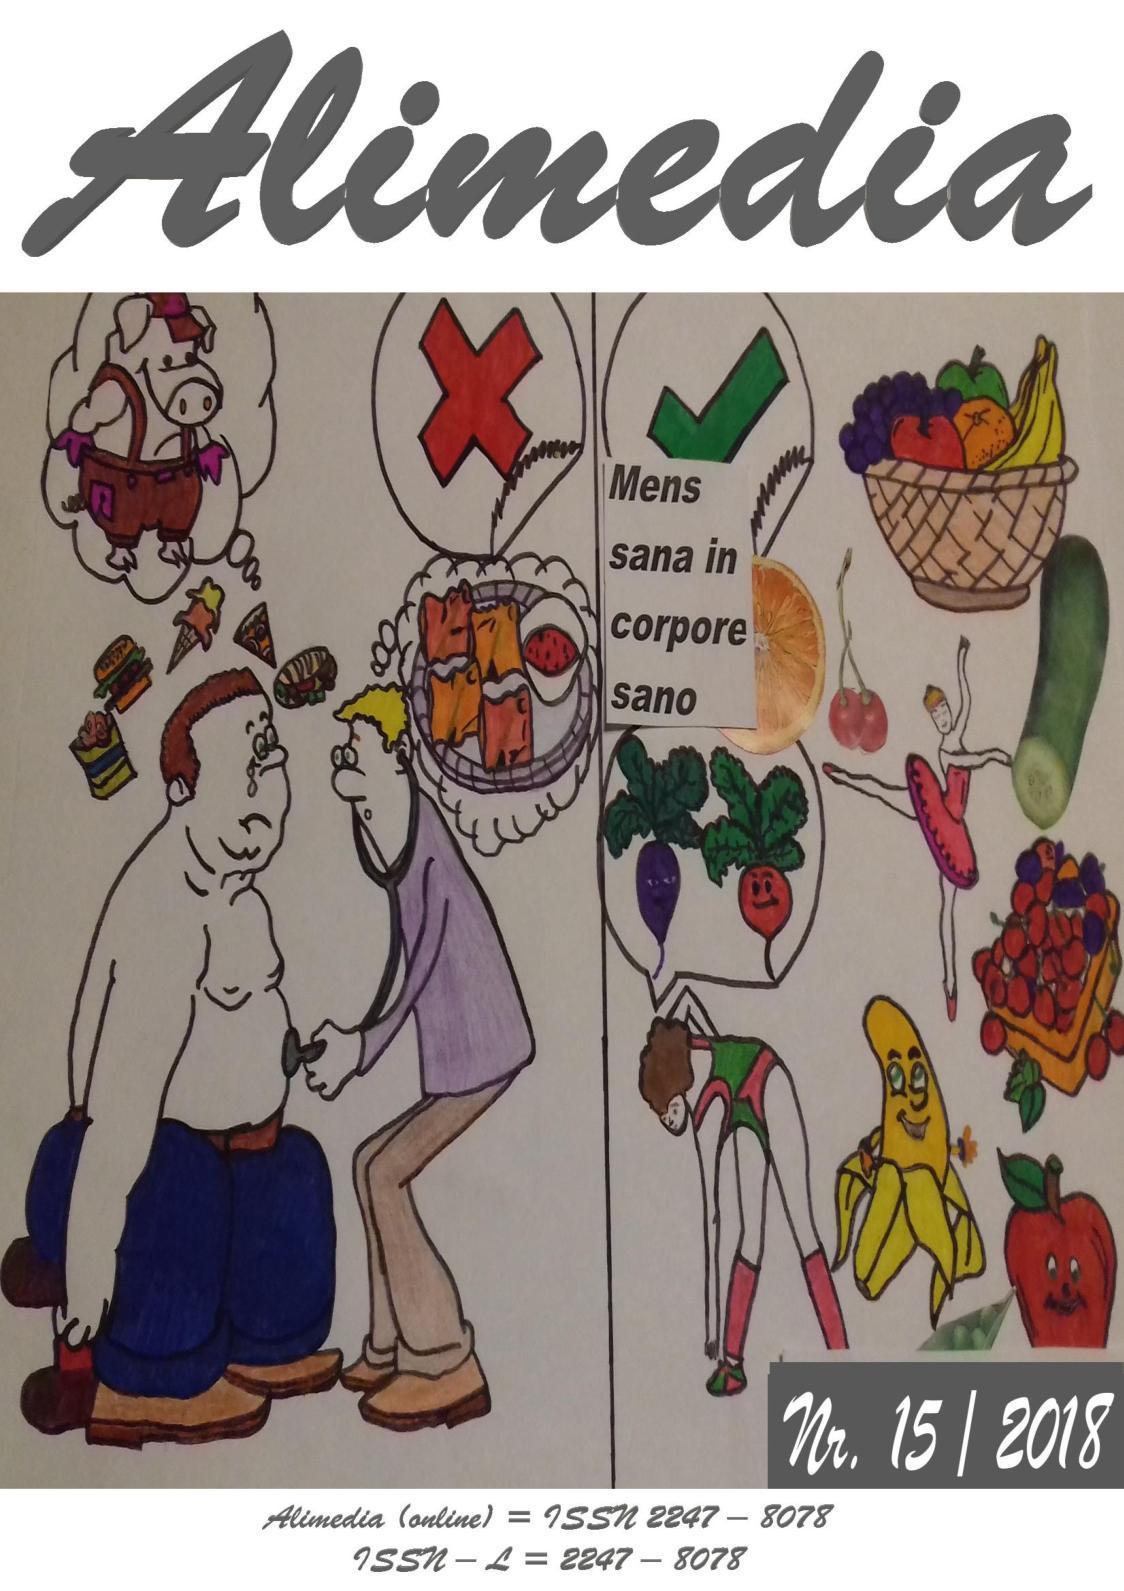 Dieta pentru gută: alegerea dietei, ce să mănânci și ce nu? - Legume